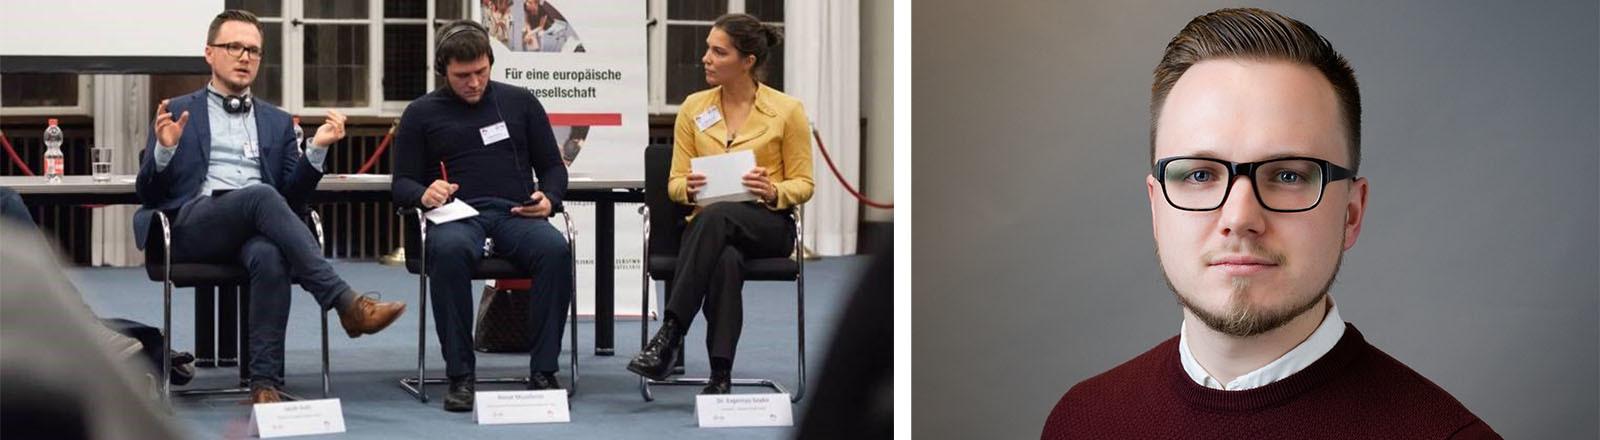 Extremismusforscher Jakob Guhl bei einer Diskussion und ein Porträt von Jakob Guhl